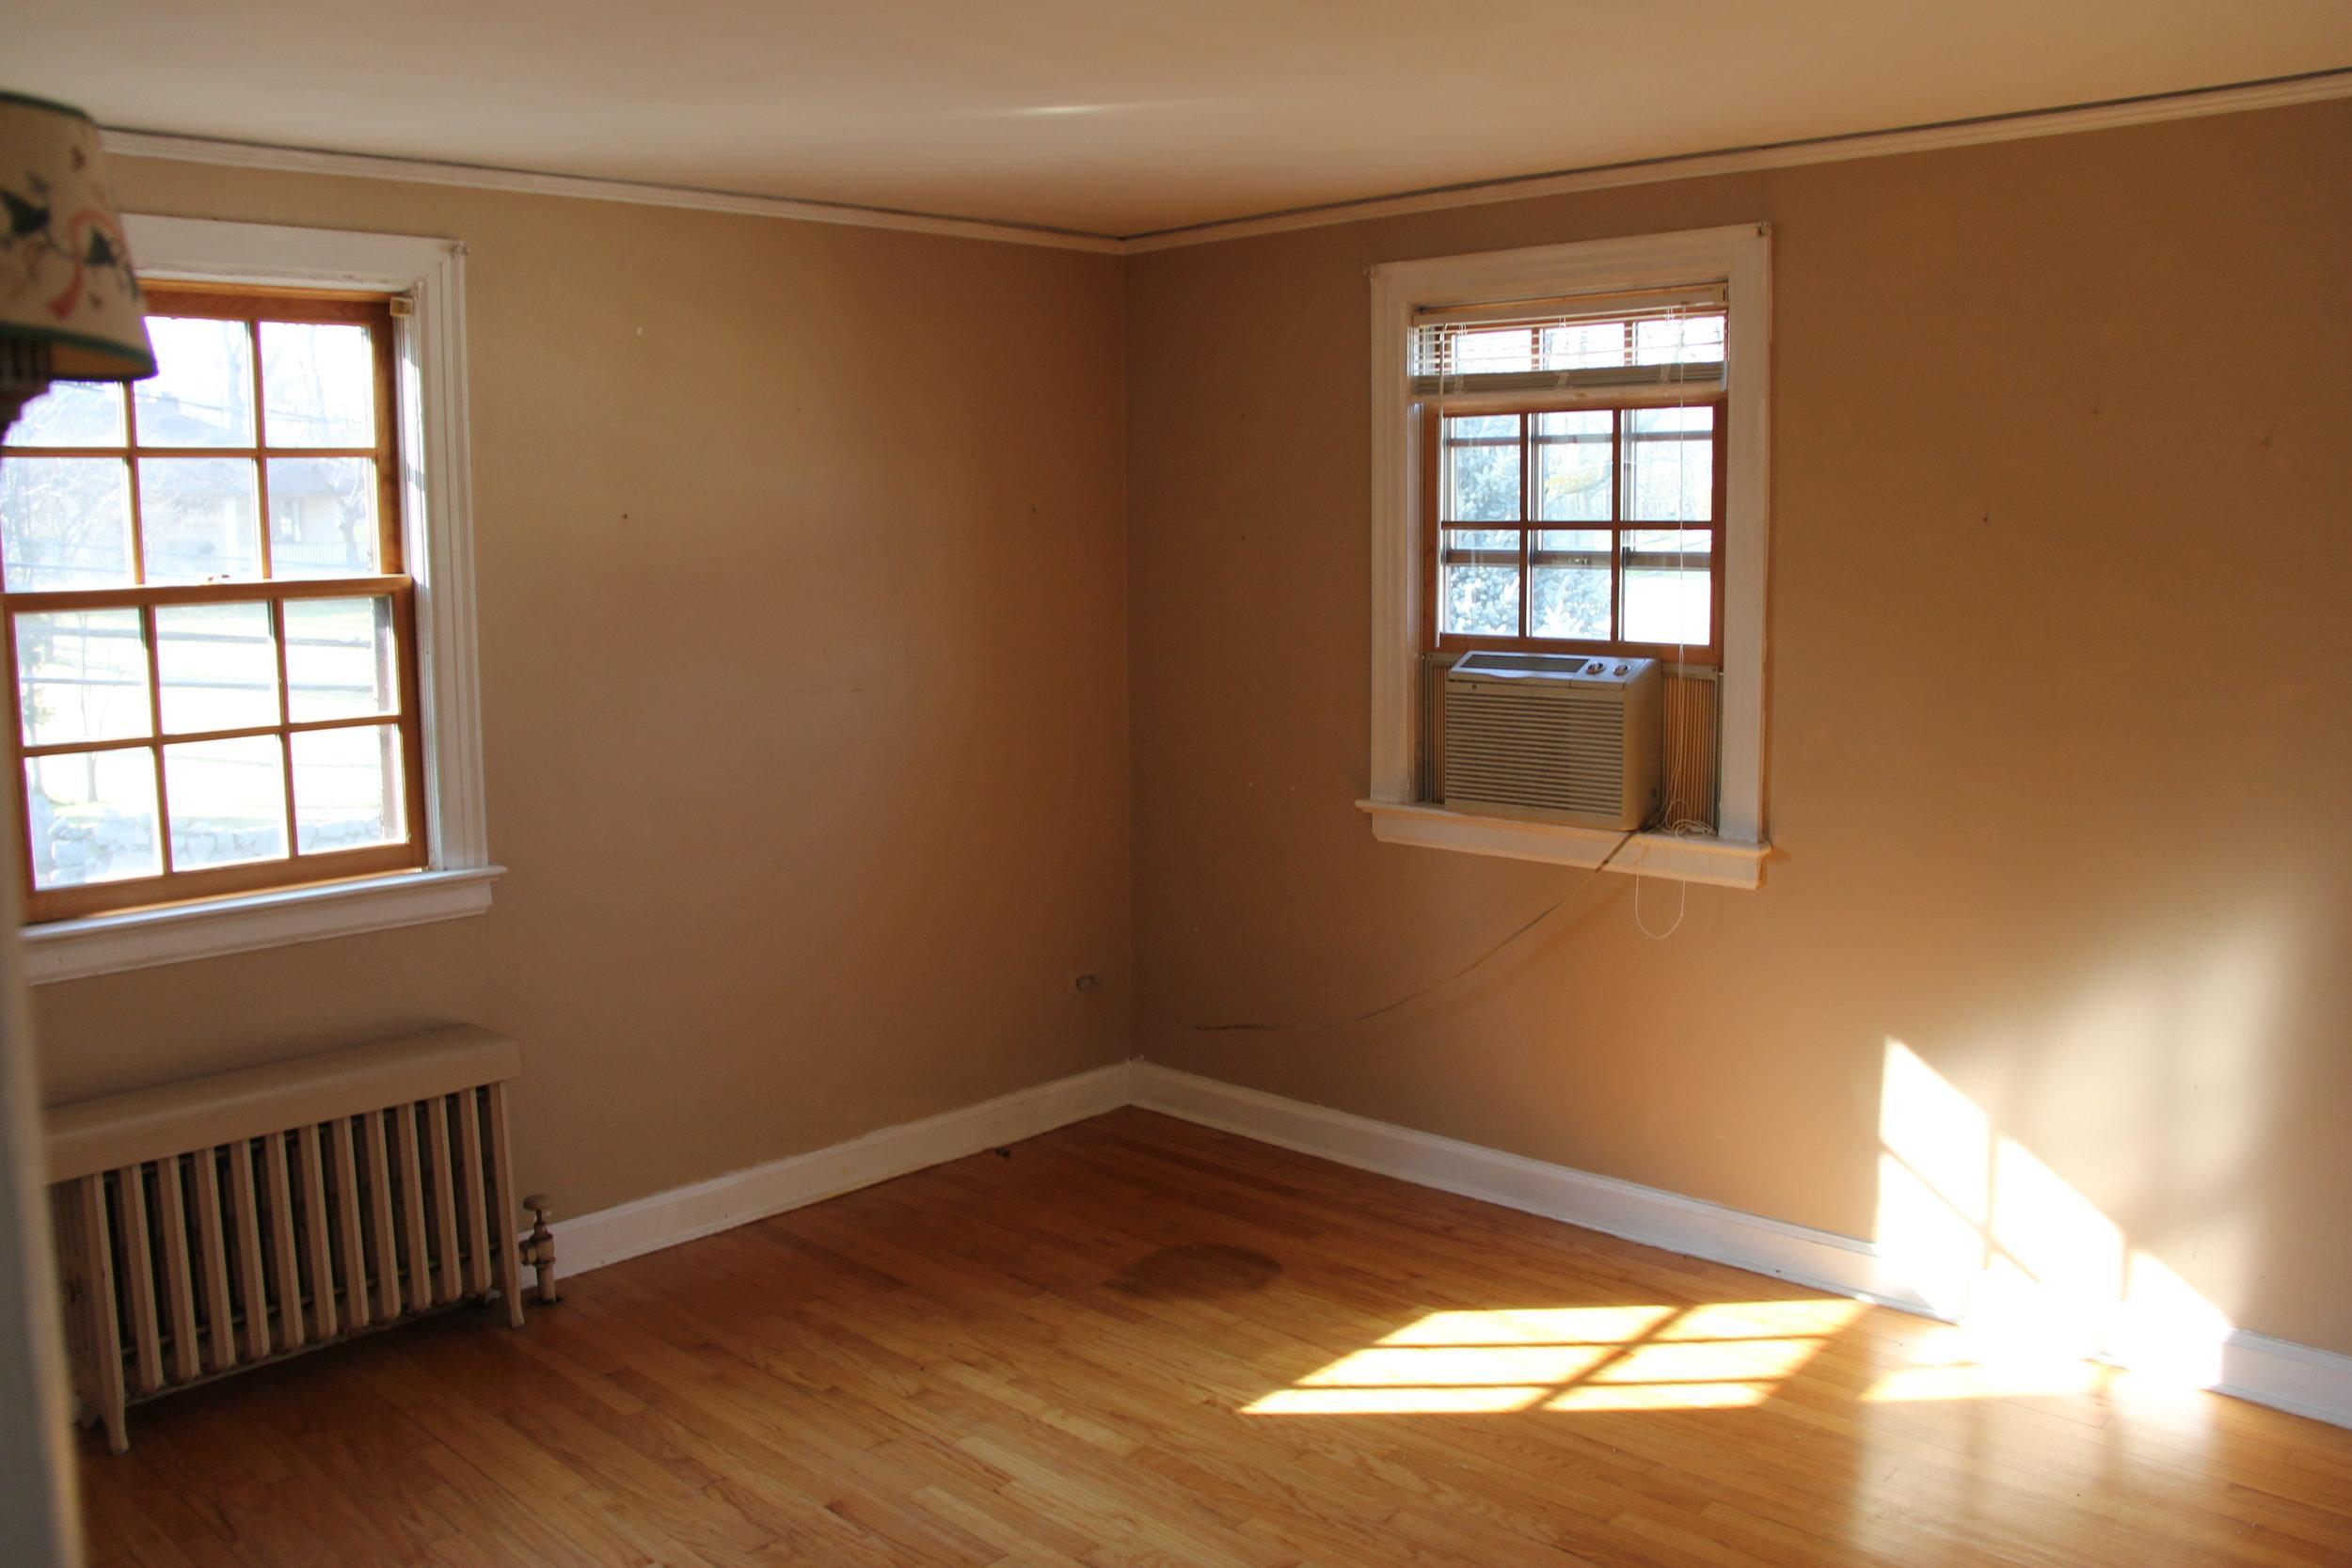 old bedroom 1.JPG